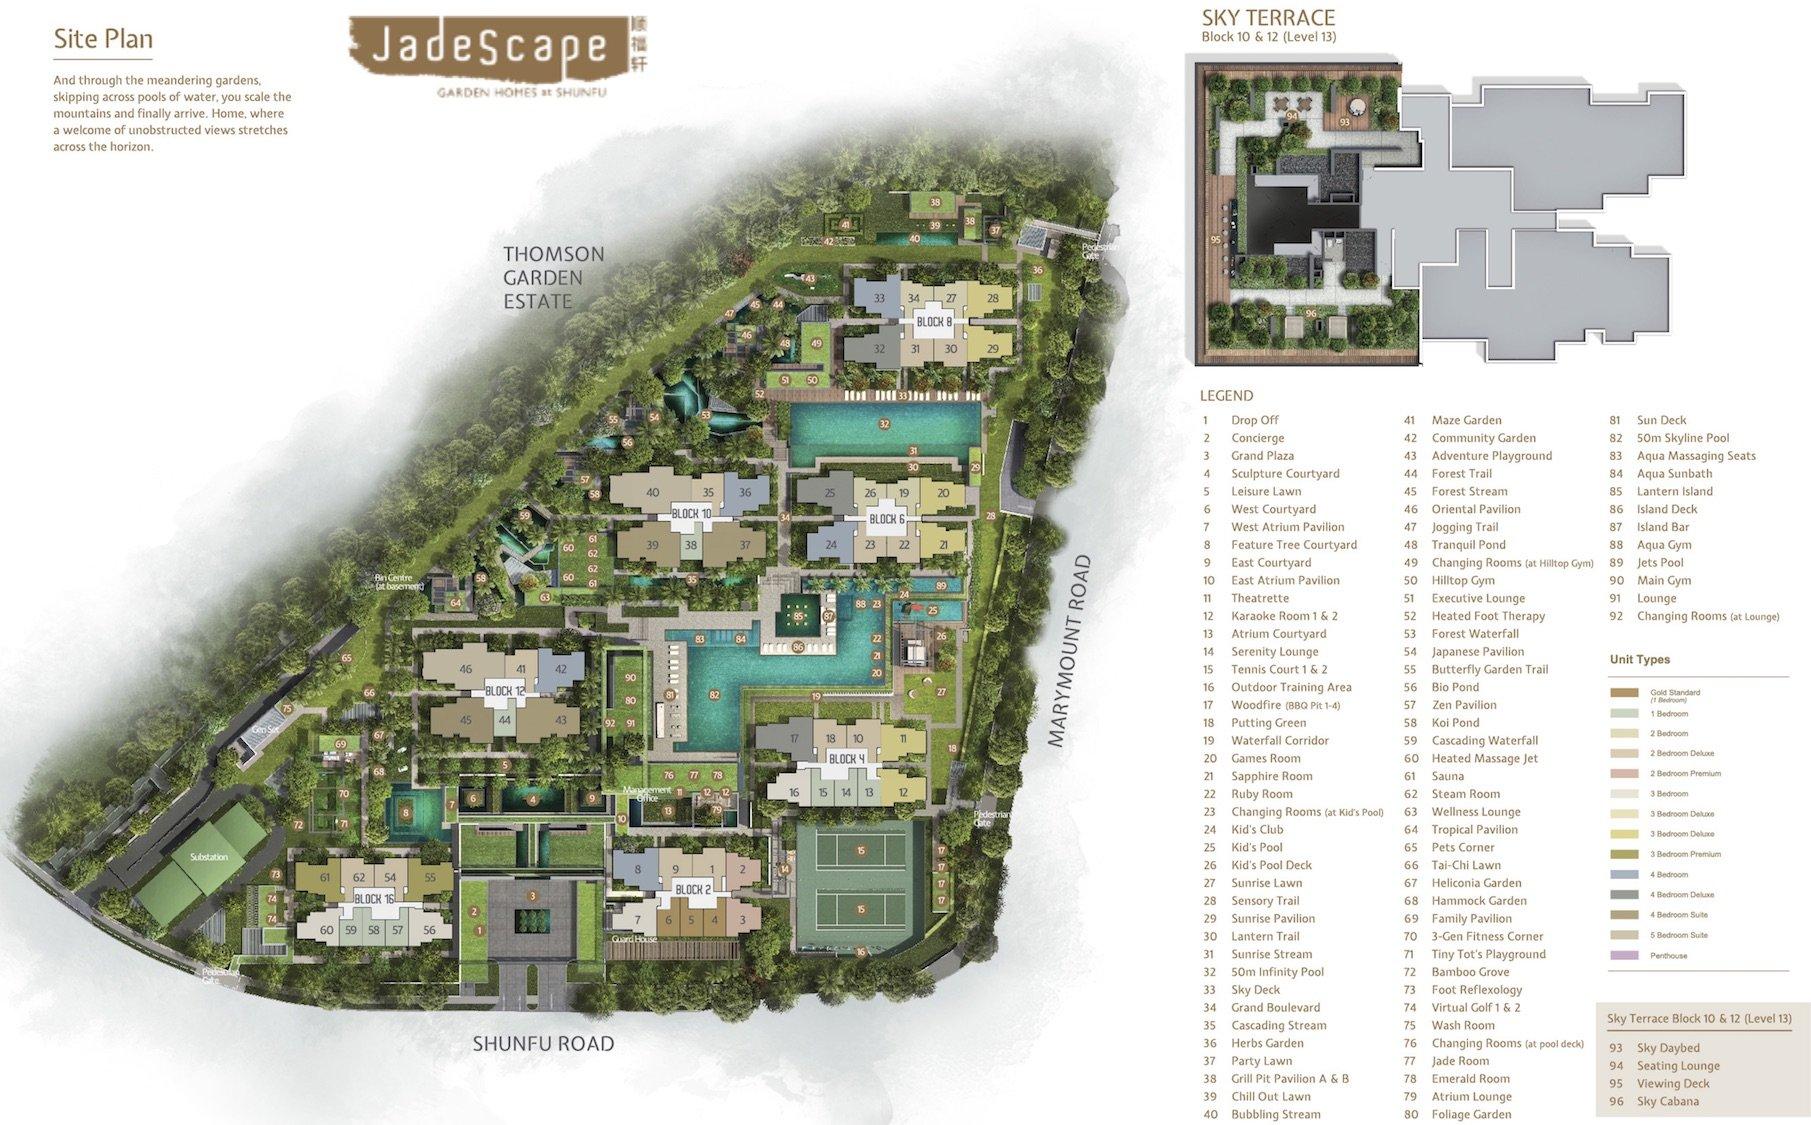 Jadescape 顺福轩 condo site plan facilities